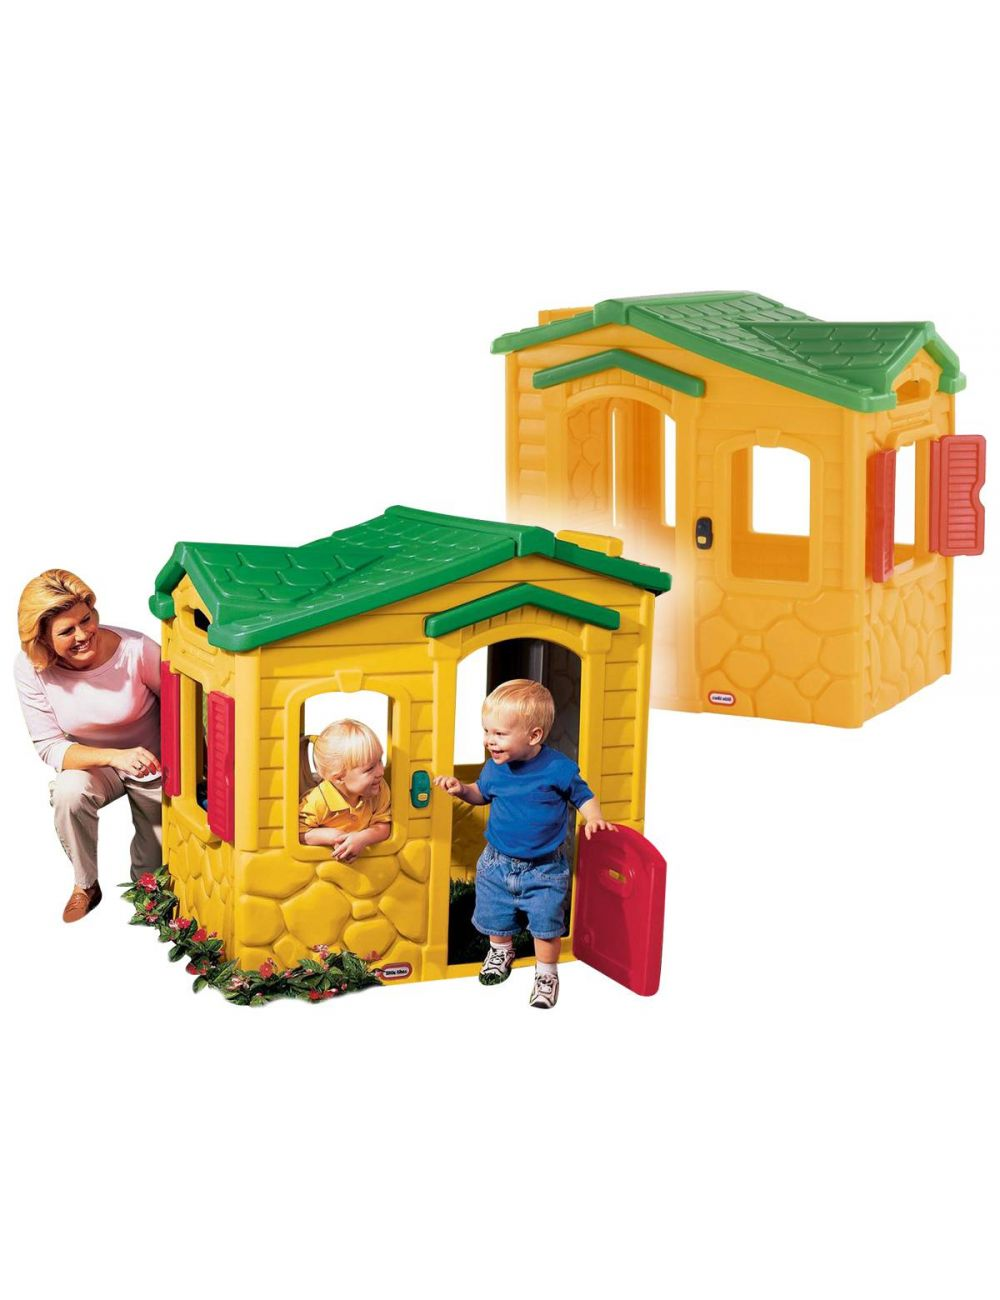 Domki dla dzieci z magicznym dzwonkiem Little Tikes